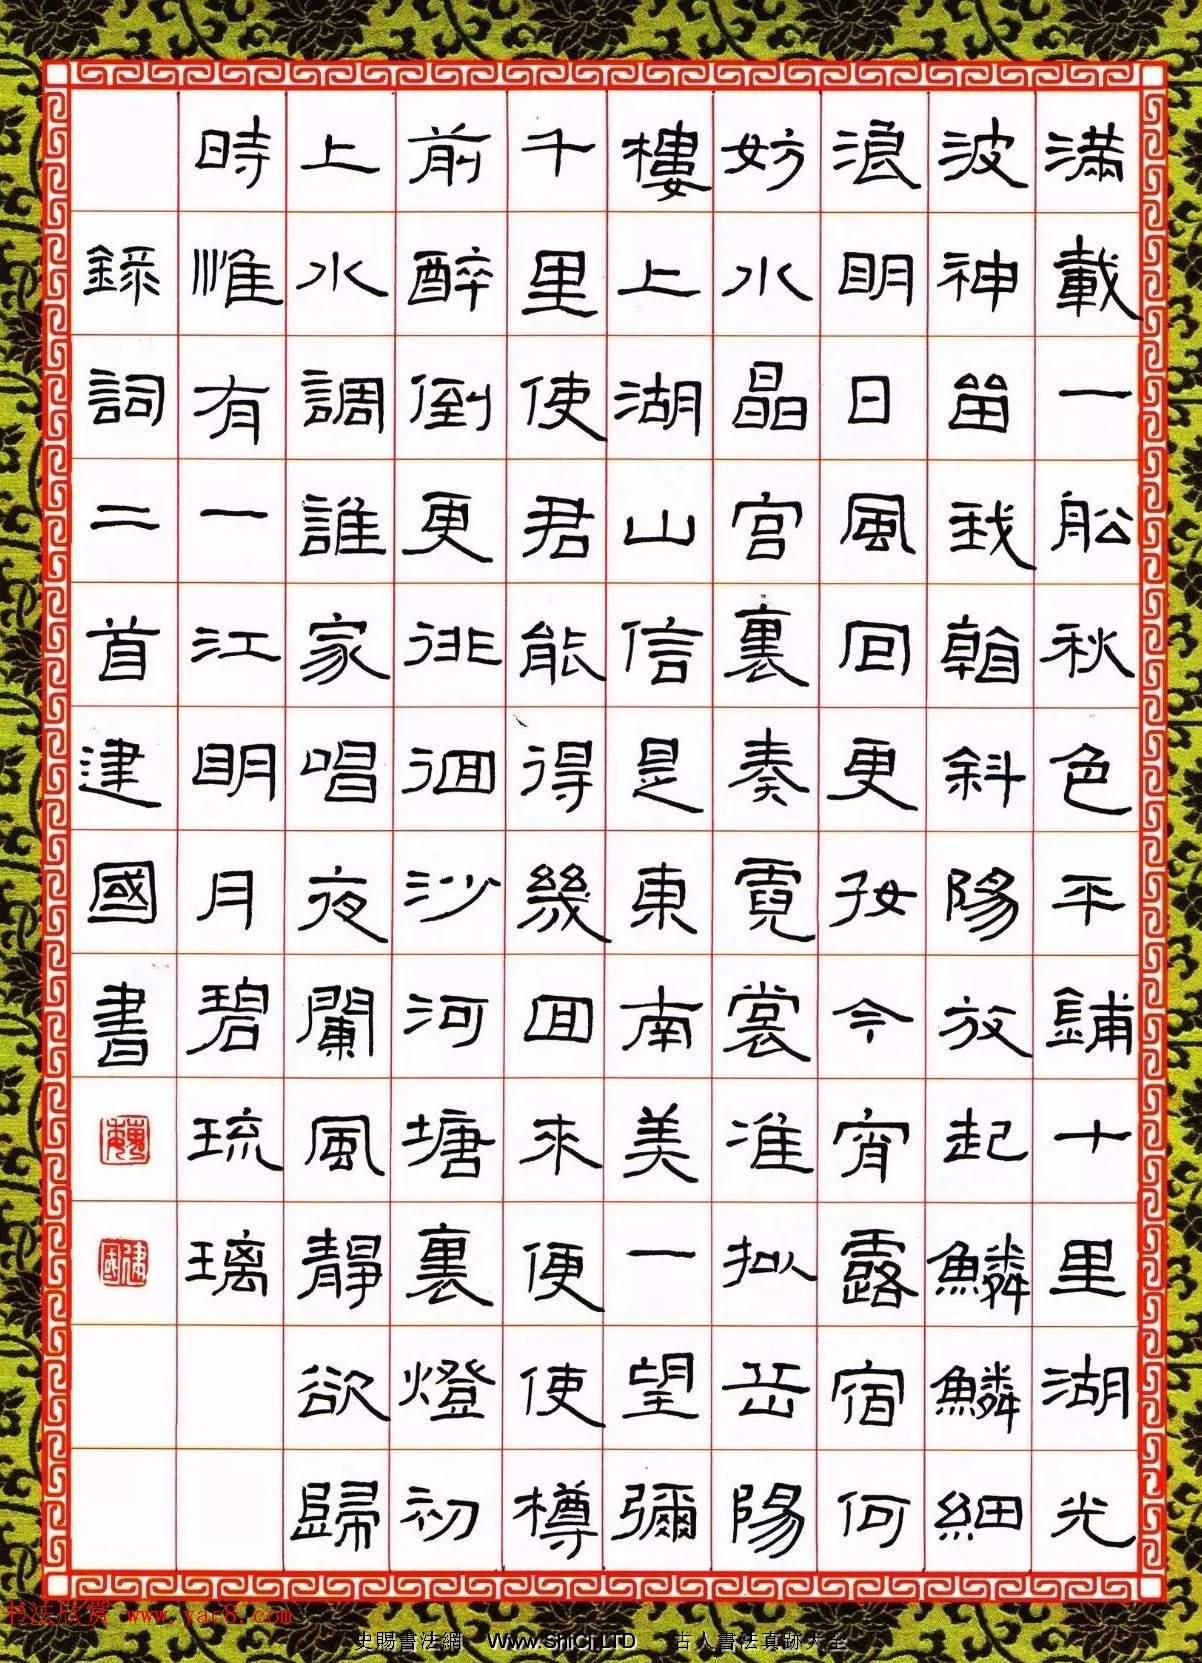 8090書藝組合硬筆書法作品真跡網絡展(共8張圖片)